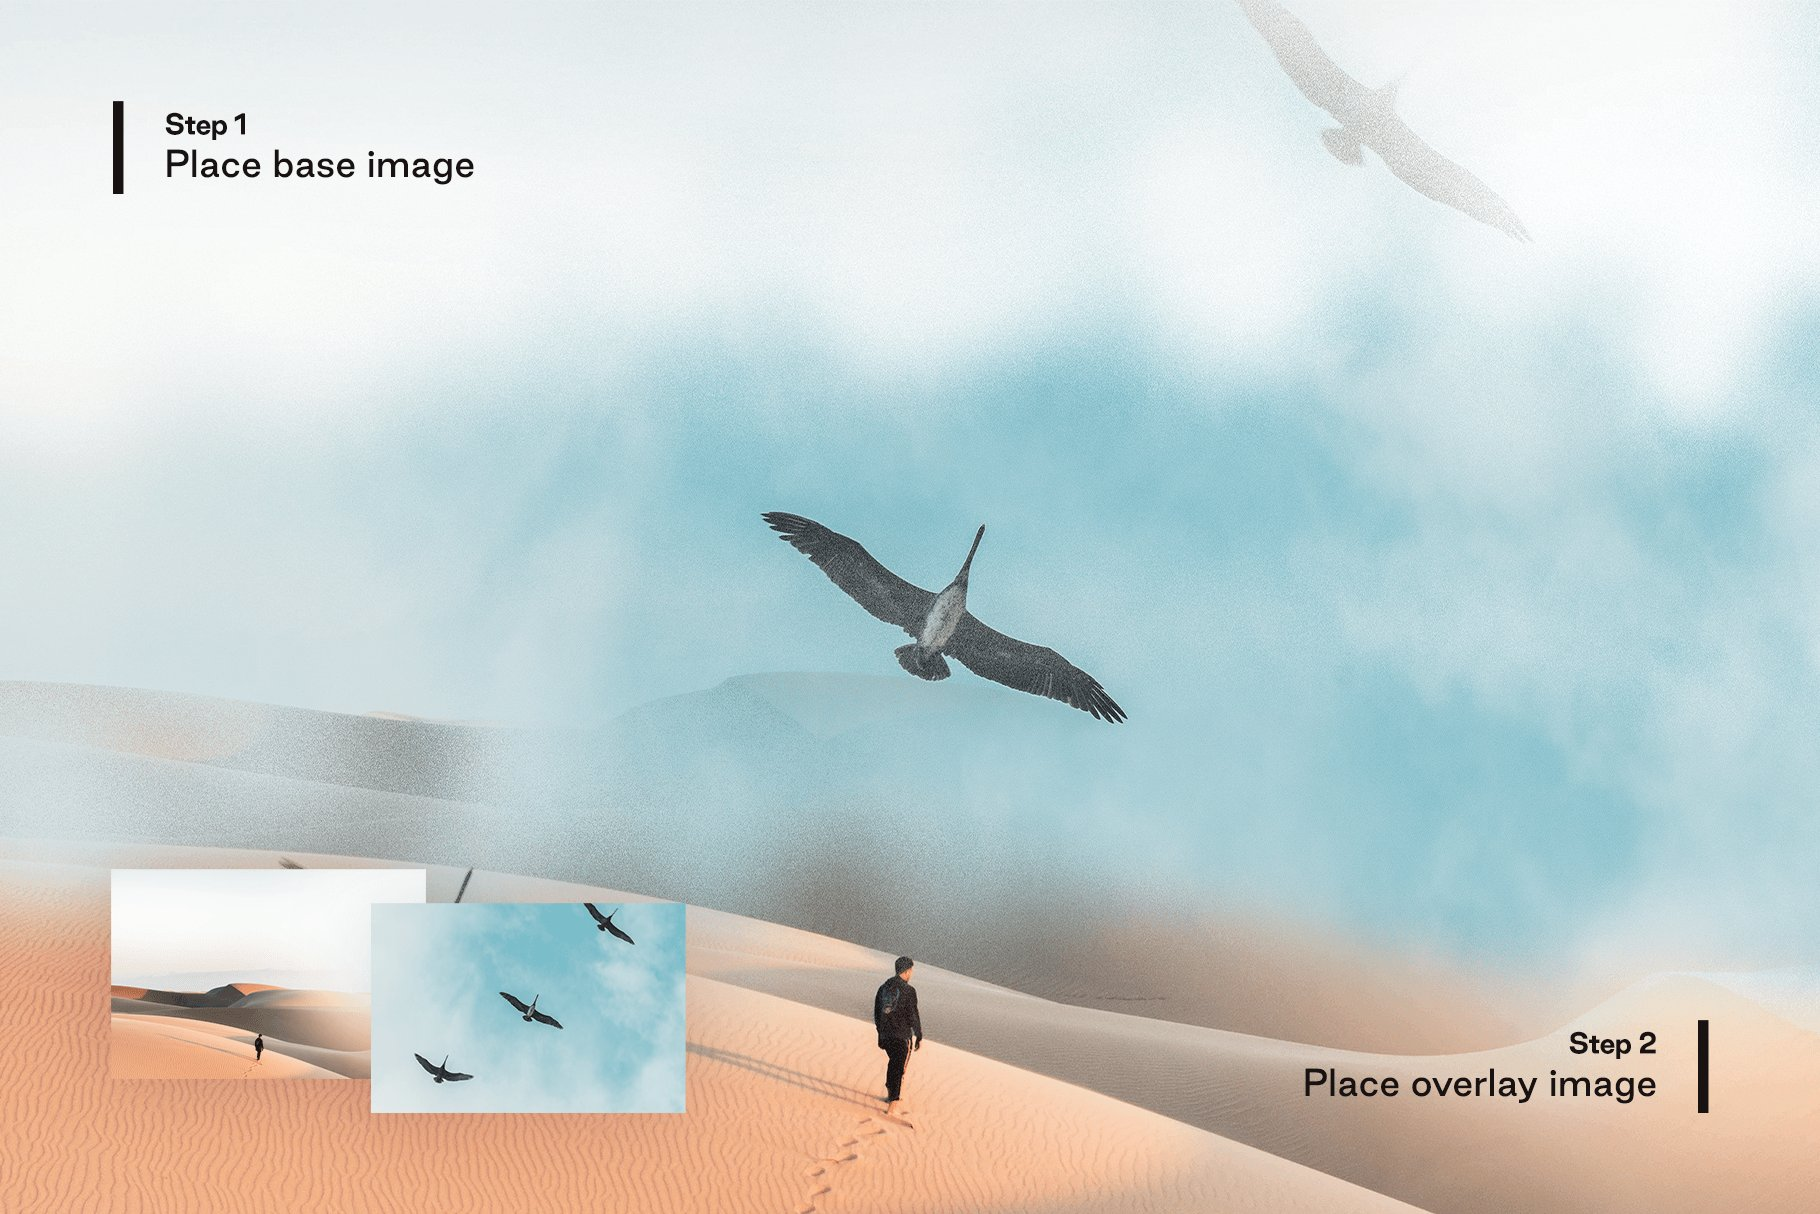 [淘宝购买] 多种曝光融合烟雾混合效果照片处理PS图层样式 Converge – Image Blending插图(4)